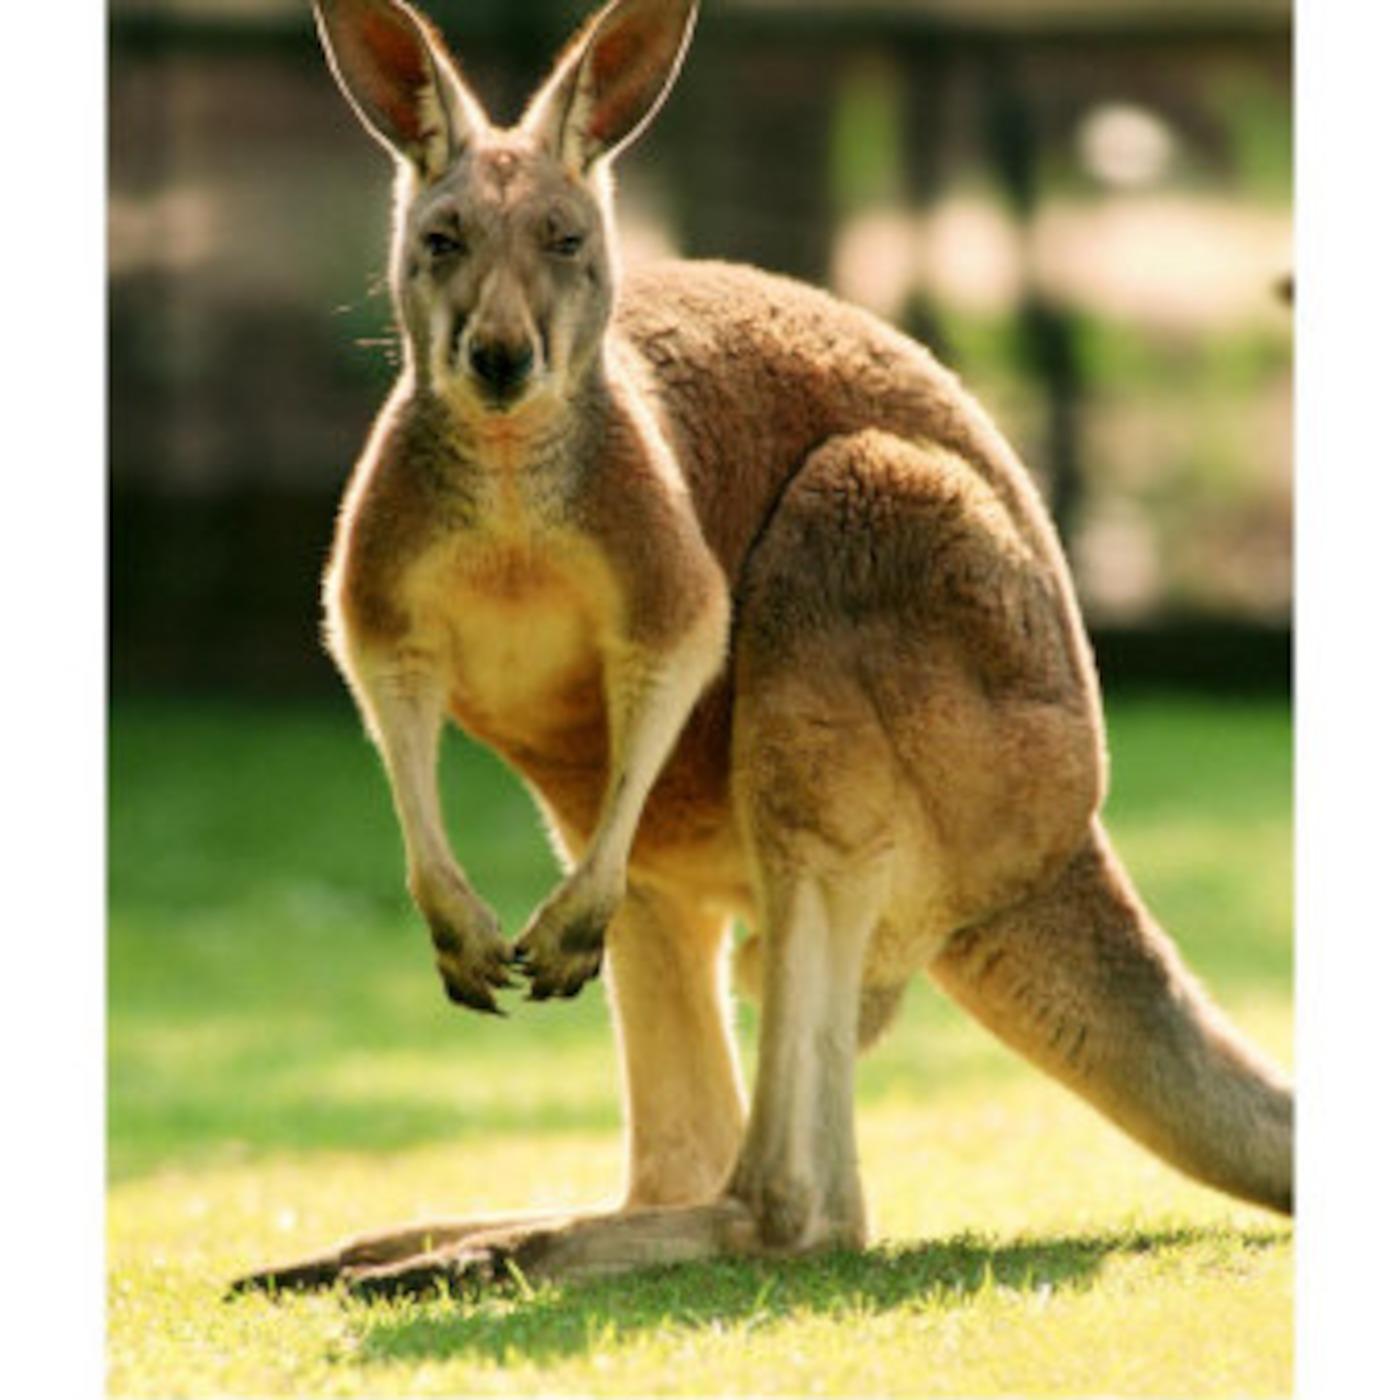 Сколько у кенгуру вагин 31 фотография